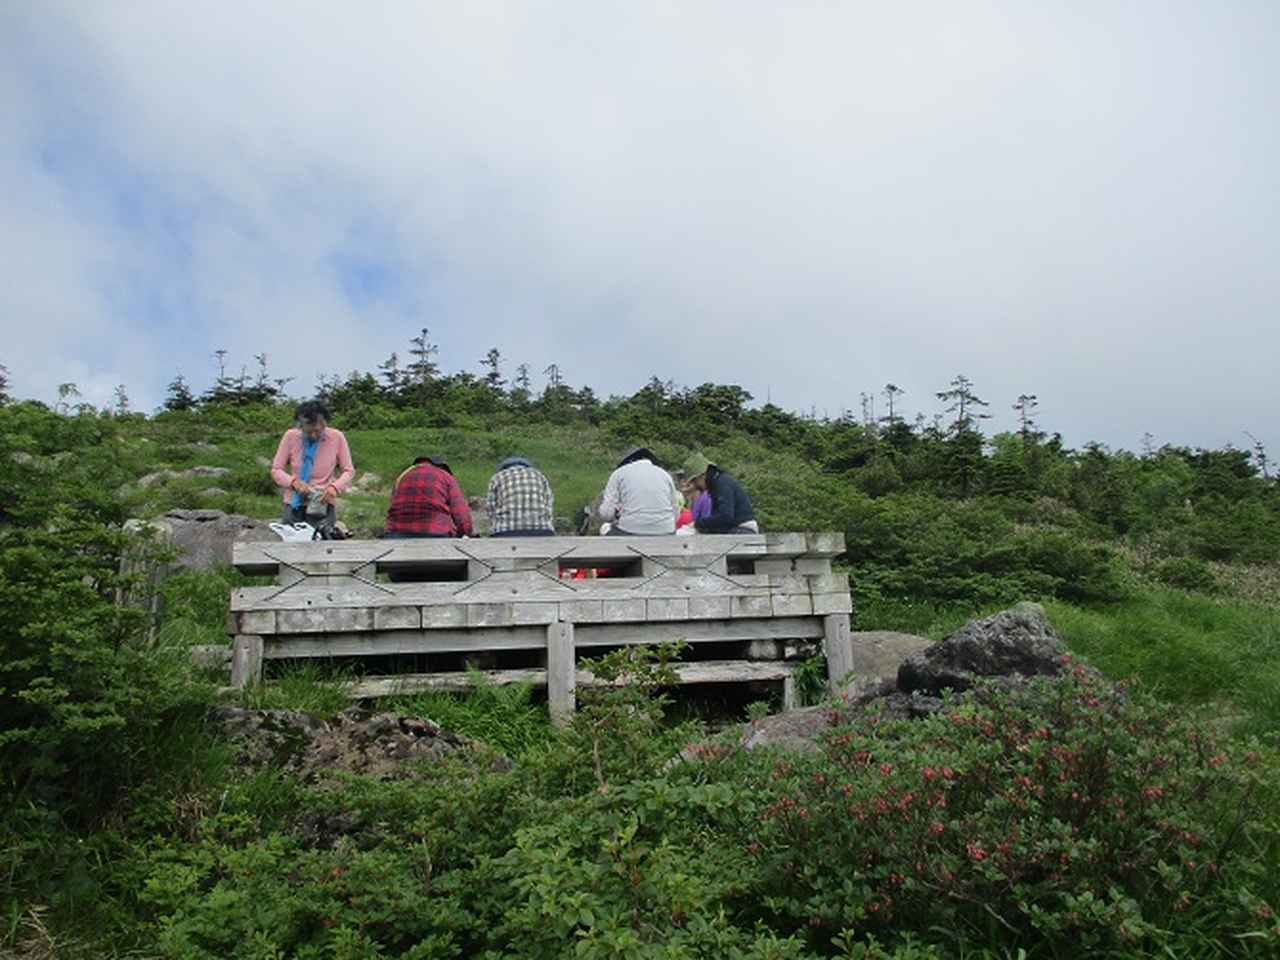 画像3: 7月16日より2泊で山旅会 「三国山と苗場山」 ツアーに行ってきました!